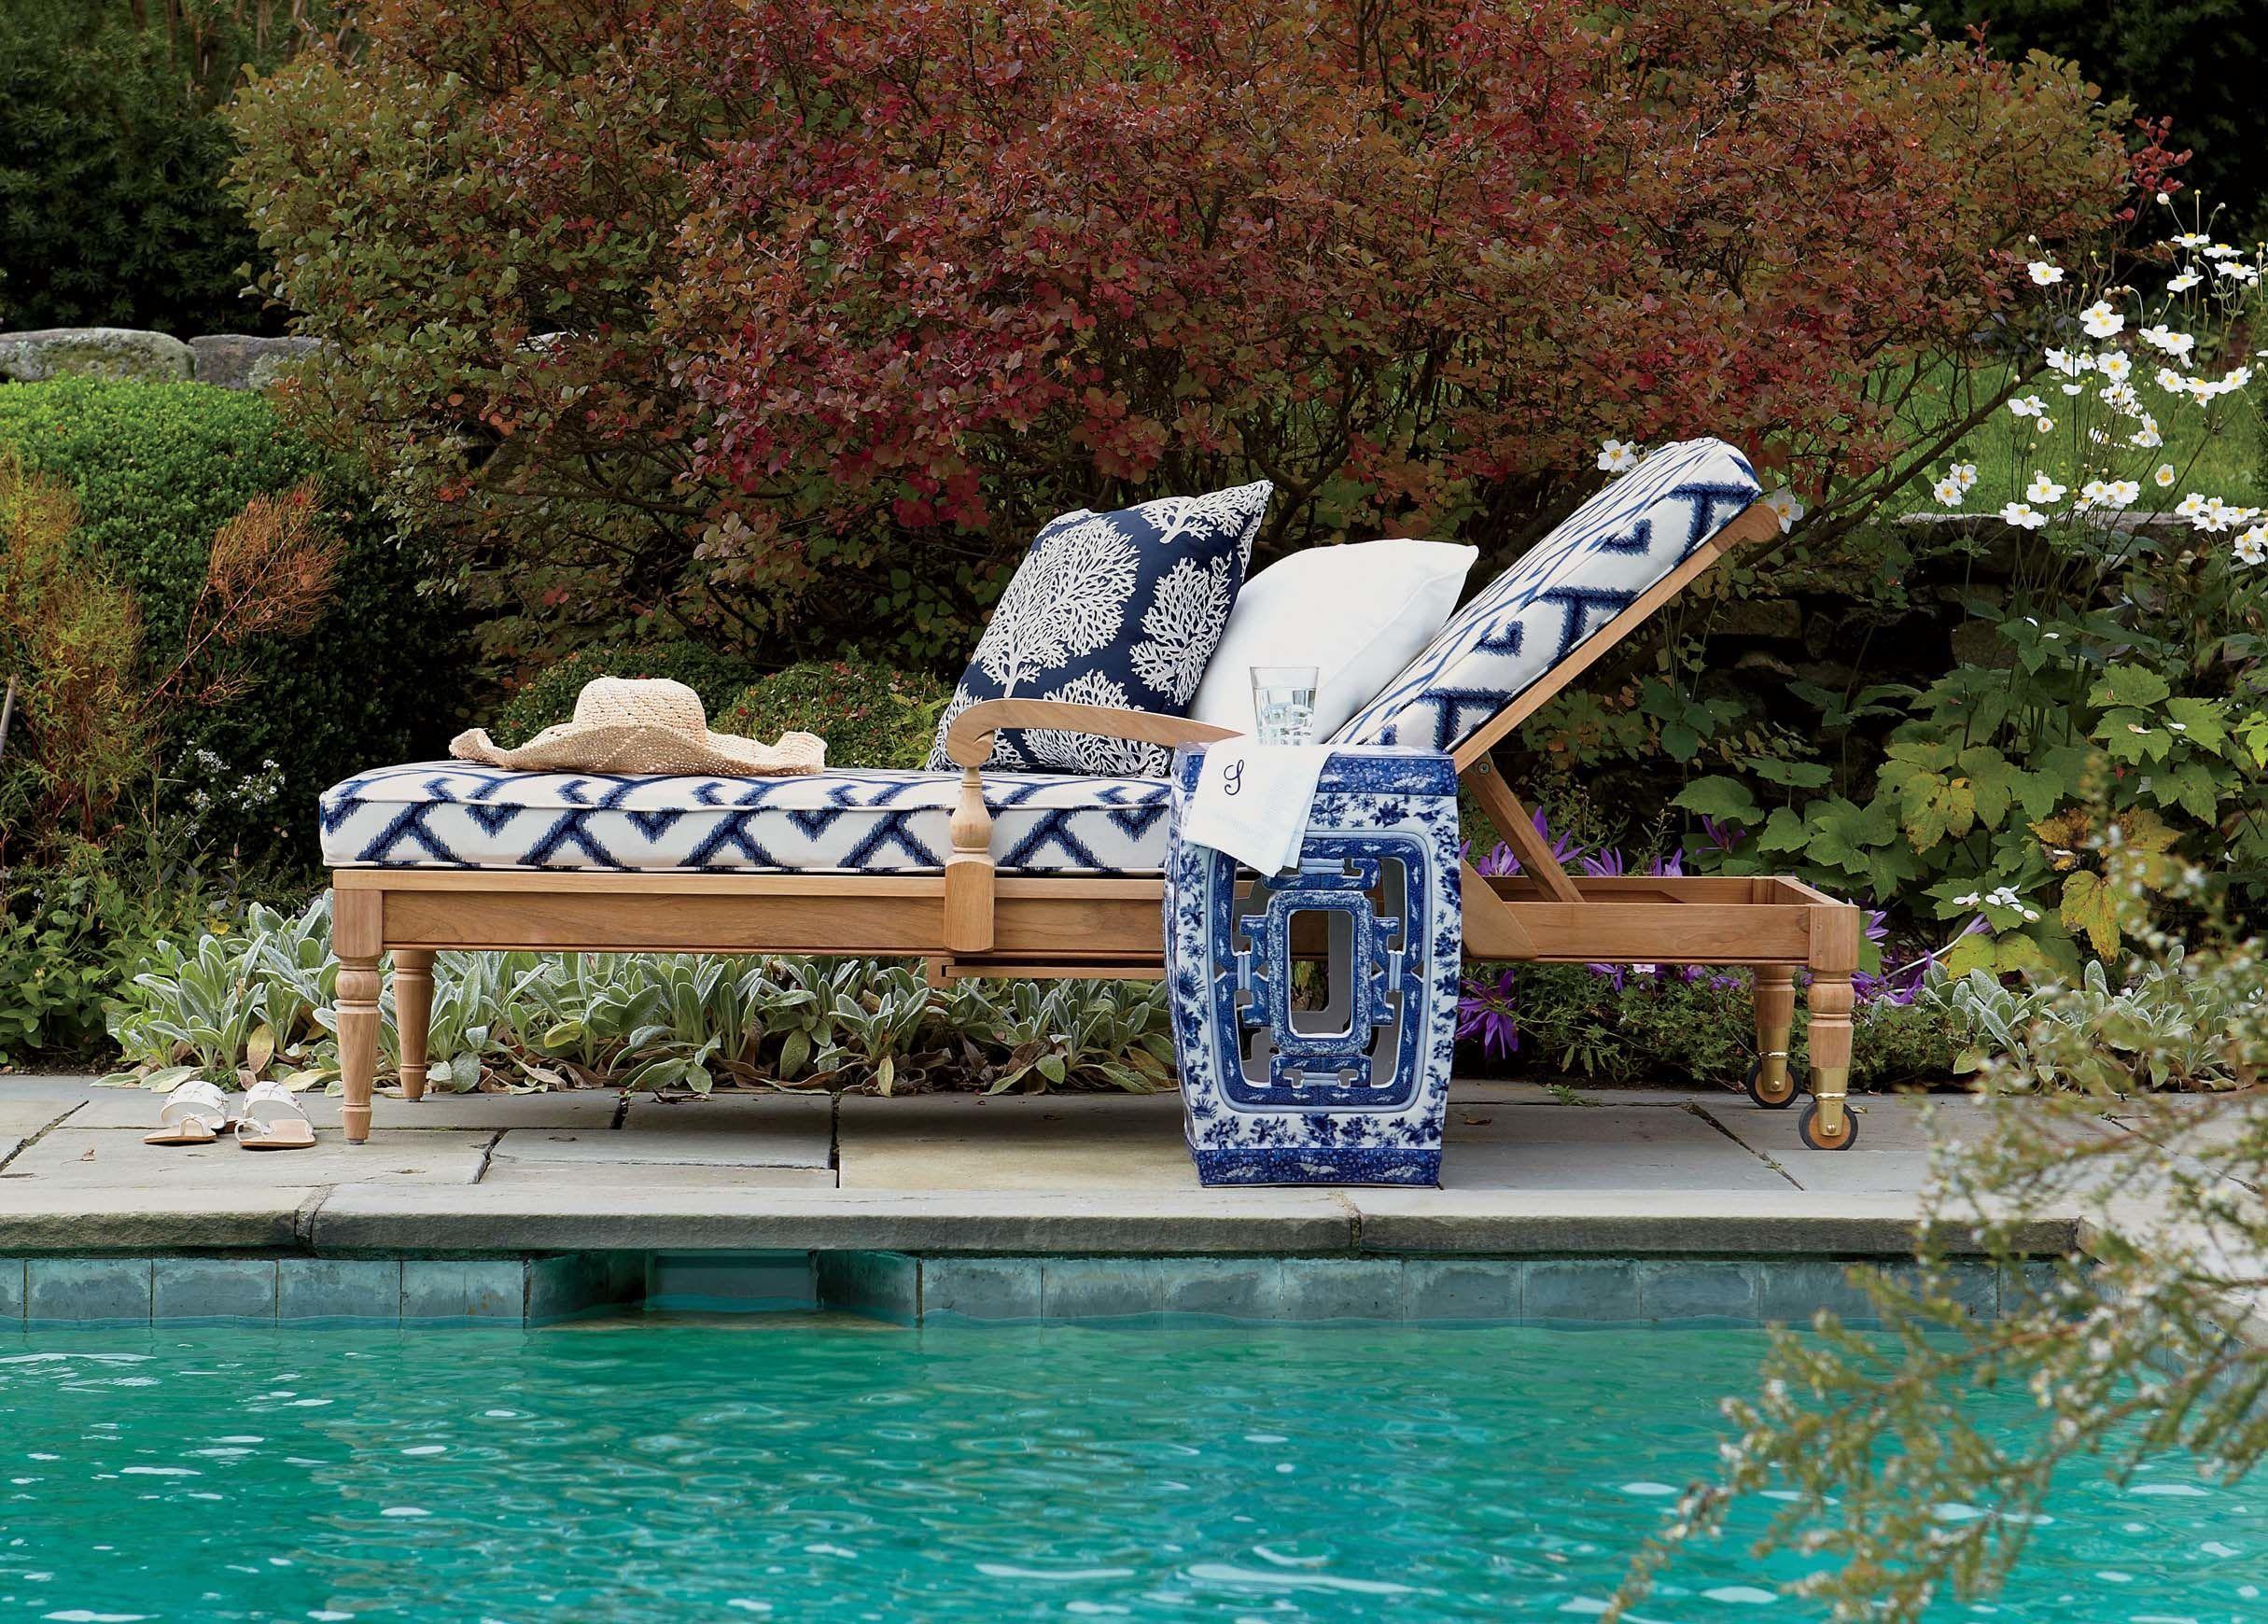 Stupendous Pierced Garden Seat Ethan Allen Home Garden Garden Interior Design Ideas Inesswwsoteloinfo